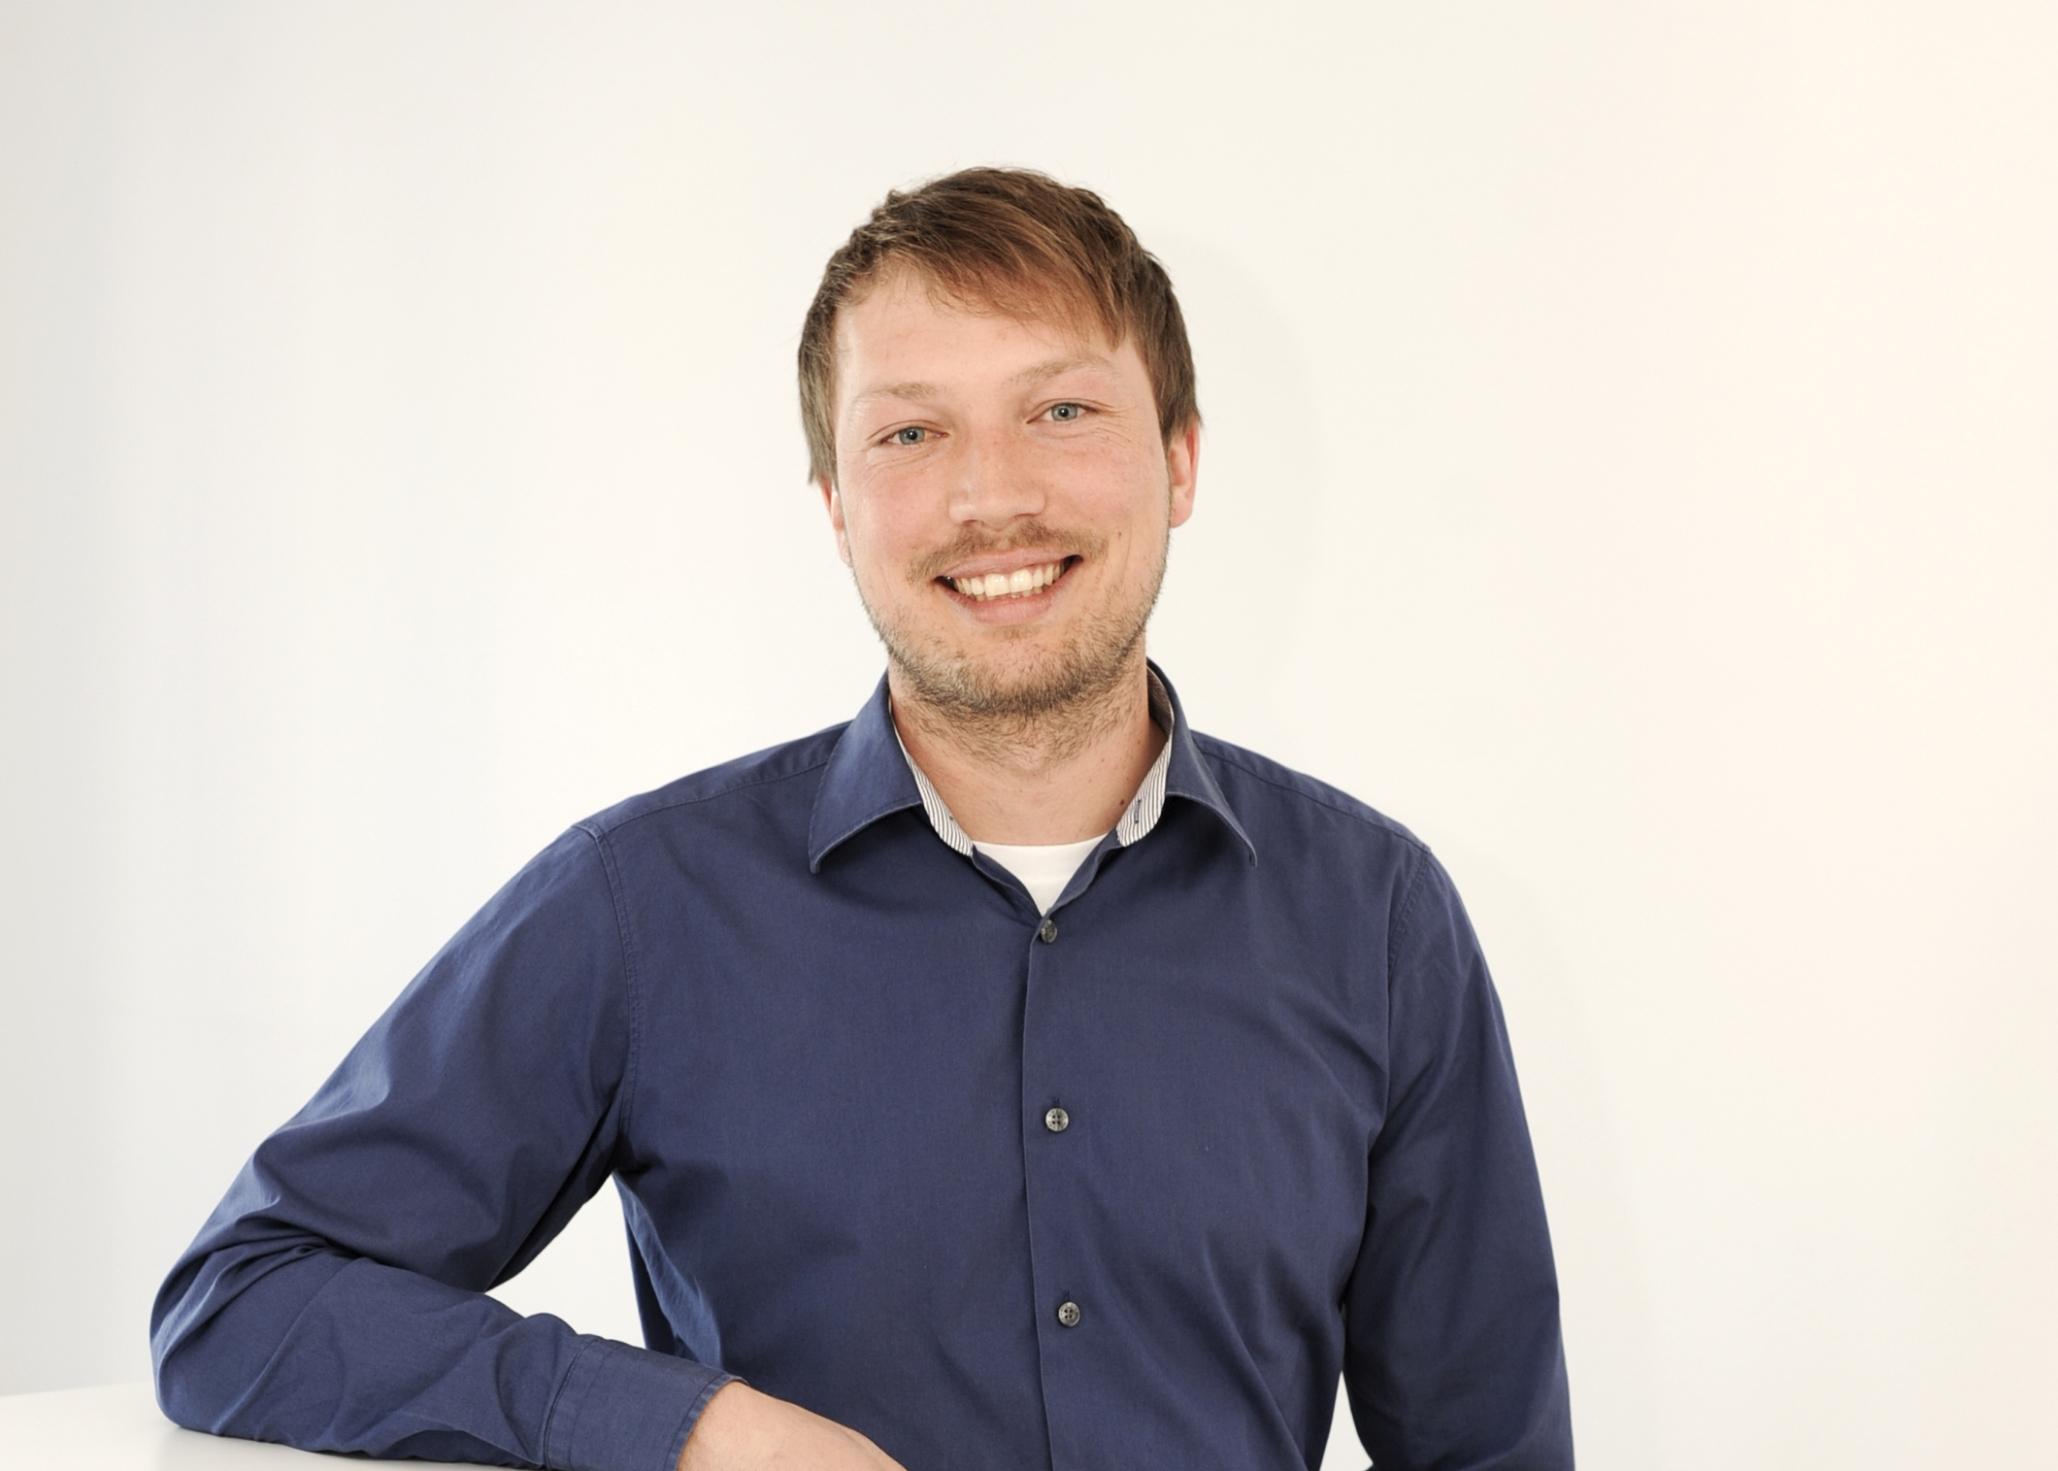 Dr.-Ing. Thomas Scharrer